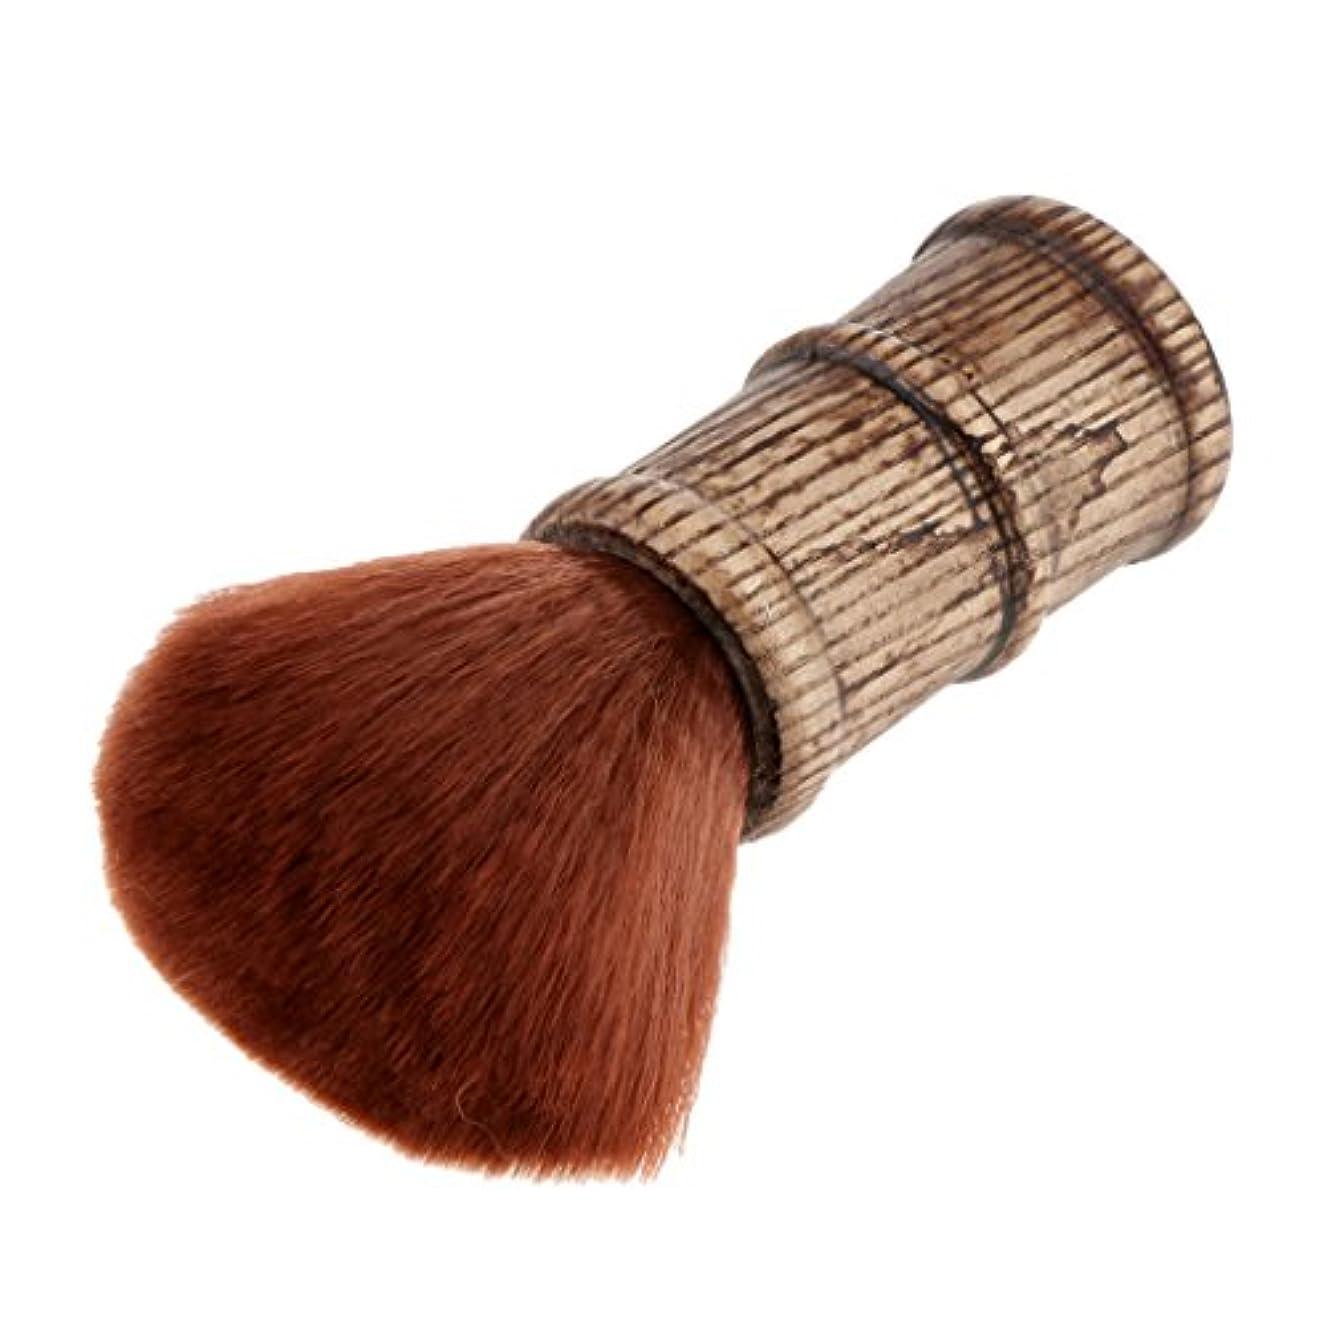 アクセサリーブラザー迷信ヘアカット 散髪 ネックダスターブラシ ソフト クリーニングヘアブラシ ヘアスイープブラシ 2色選べる - 褐色